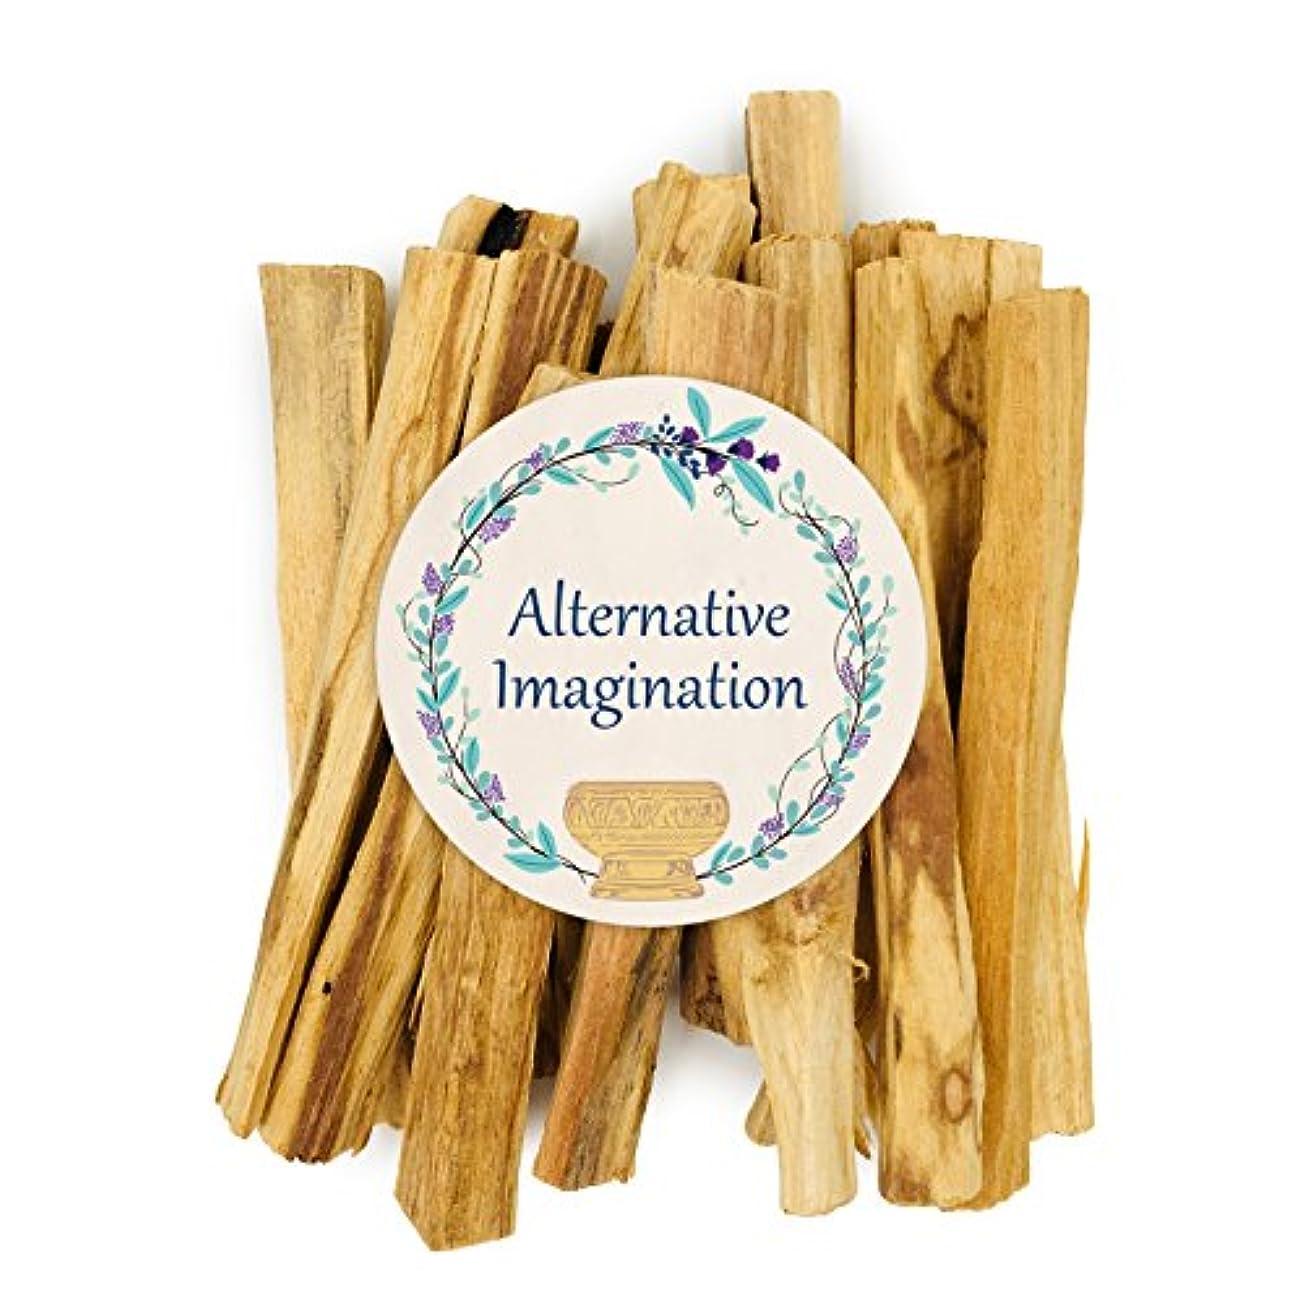 驚いた無能争いプレミアムPalo Santo Holy Wood Incense Sticks 2 ozパックfor purifying、クレンジング、ヒーリング、瞑想、Stress Relief。100 %自然と持続可能な、野生の収穫。